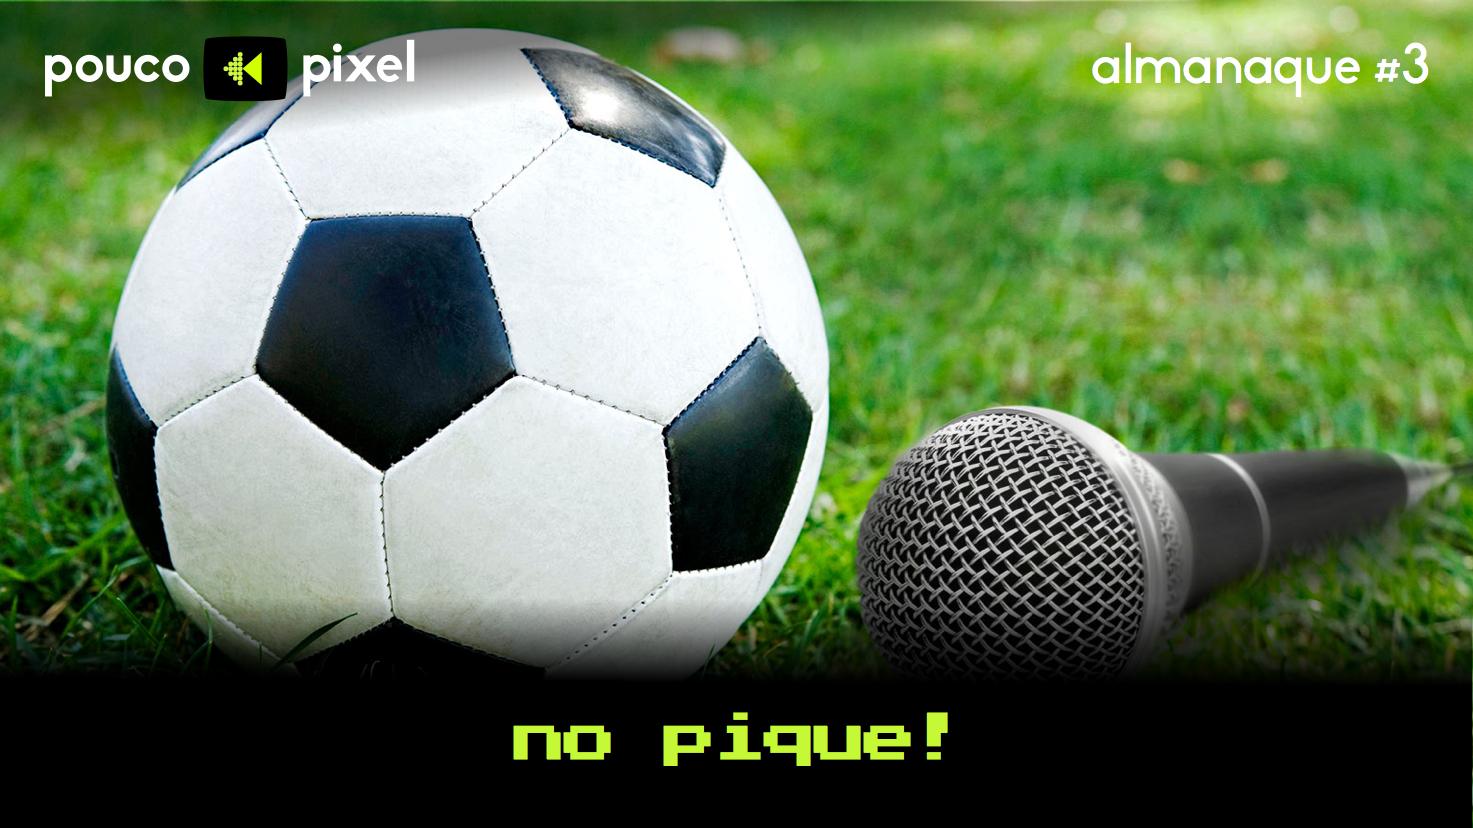 Capa - Almanaque 3 - No pique!